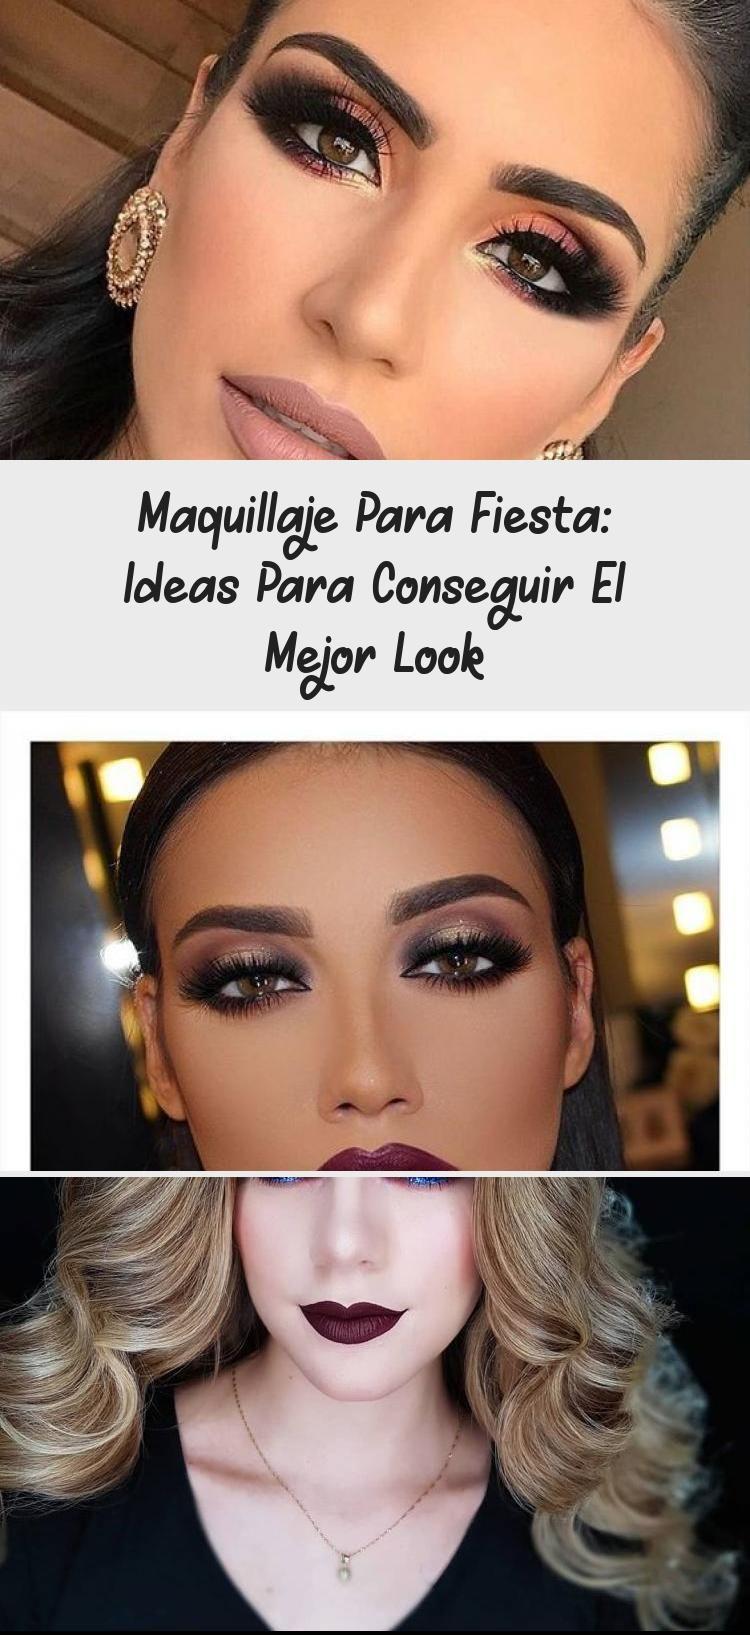 Maquillaje Para Fiesta De Dia Maquillaje Para Fiesta De Noche Paso A Paso Maquillaje Para Fiesta De Dia Maquillaje Elegante De Noche M Natural Makeup Makeup